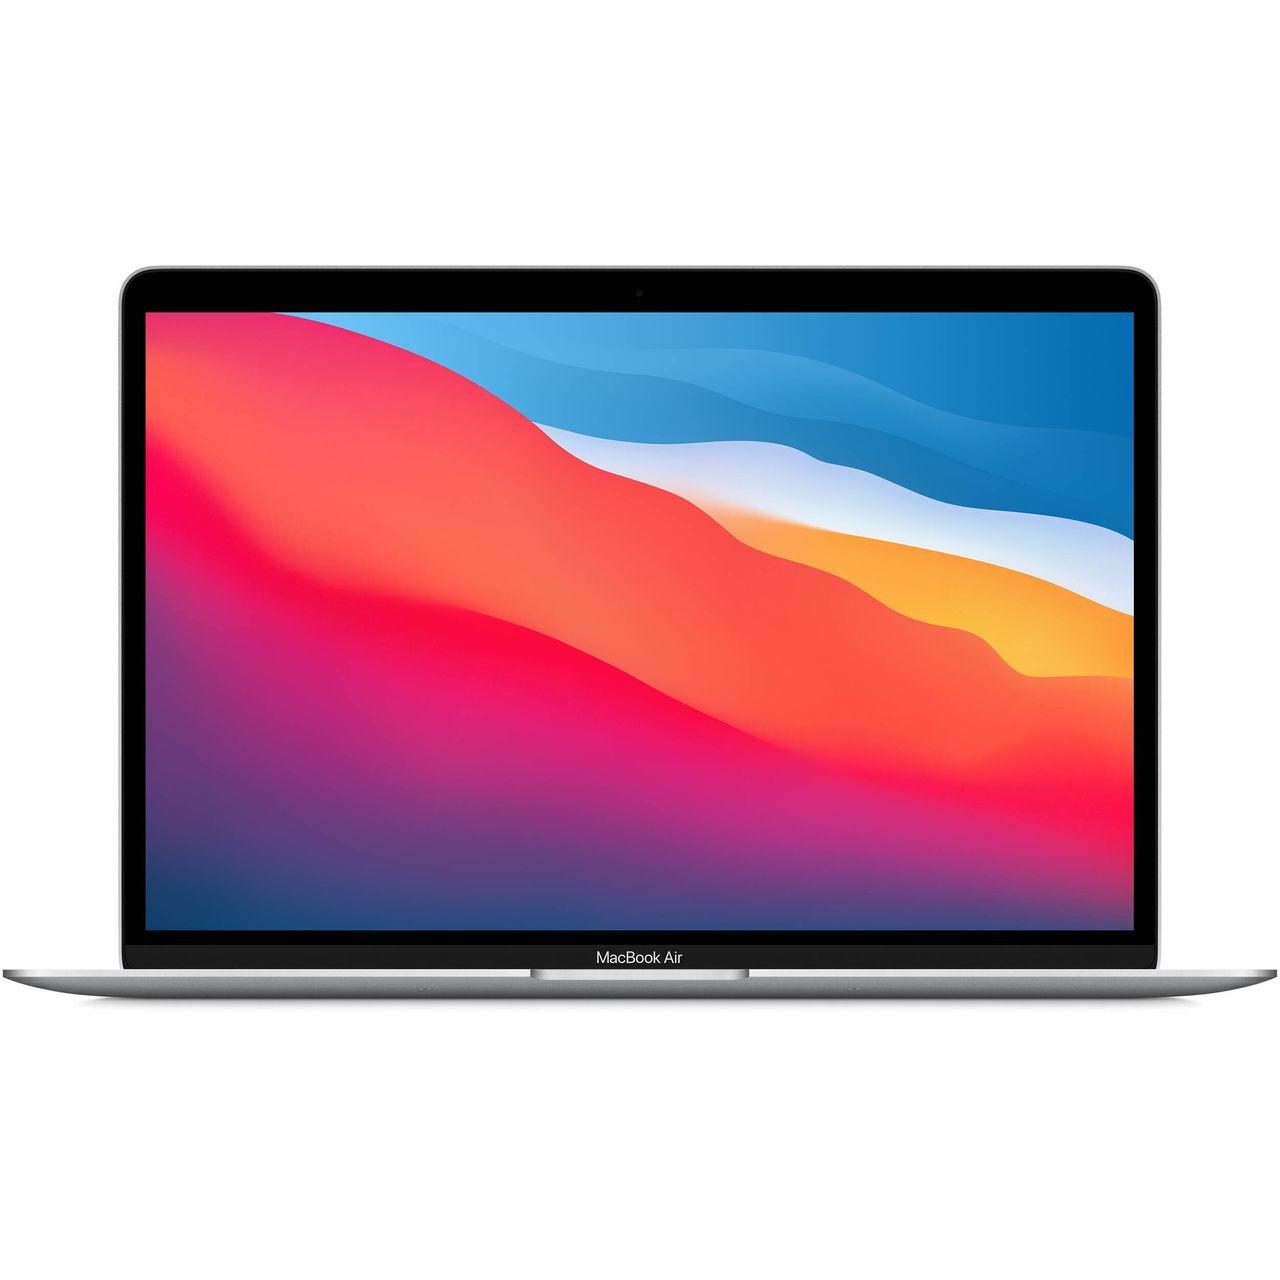 لپ تاپ ۱۳ اینچی اپل مدل MacBook Air MGN93 2020